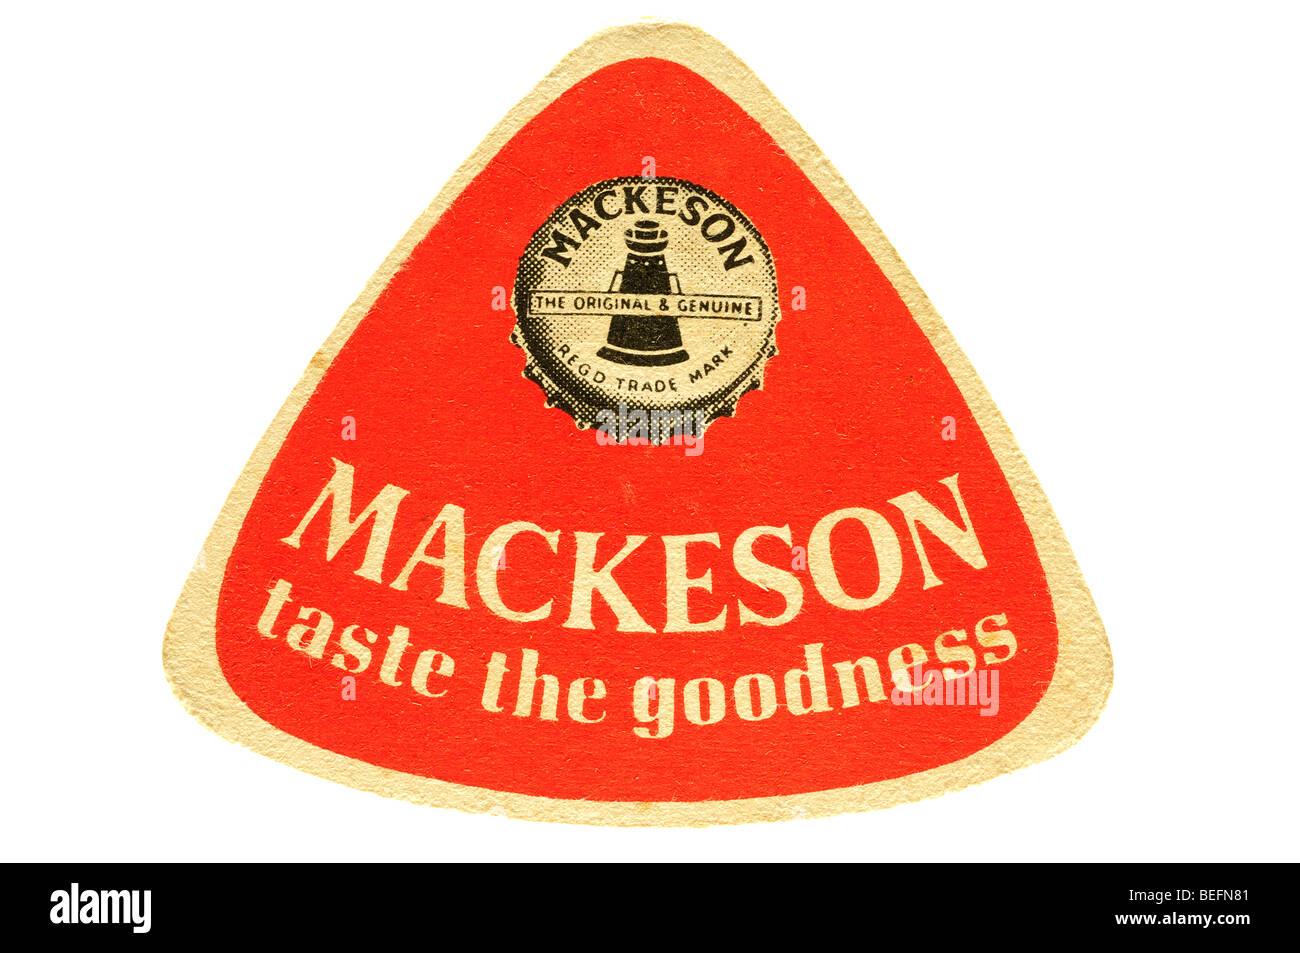 mackeson taste the goodness beer mat - Stock Image